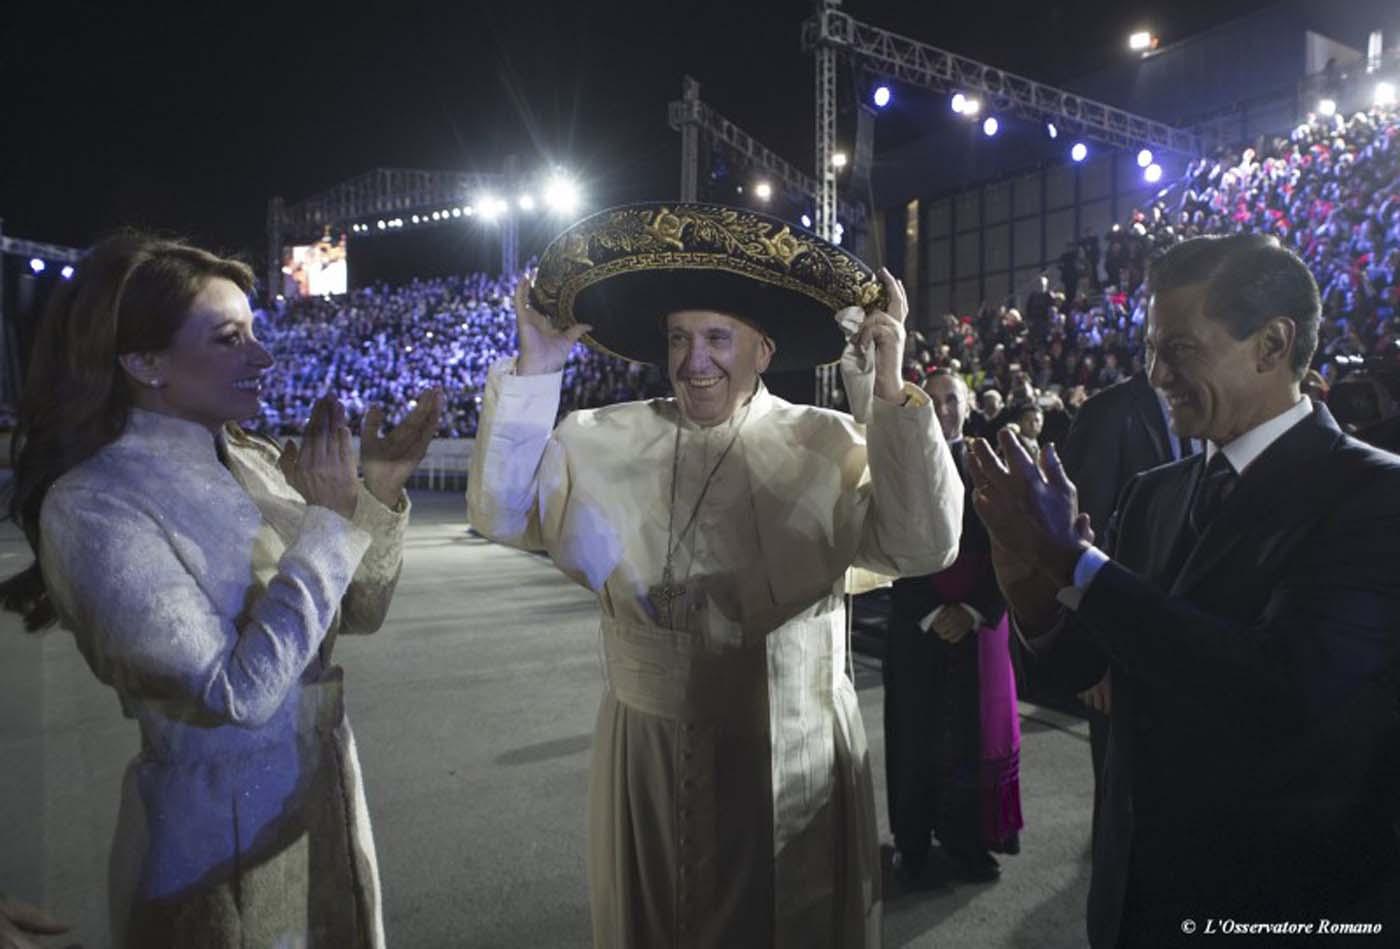 El Papa Francisco (C) usa un sombrero de charro durante los actos de bienvenida en el aeropuerto de Ciudad de México, rodeado del presidente Enrique Peña Nieto (D) y la primera dama Angélica Rivera, 12 de febrero de 2016. REUTERS/cortesía Osservatore Romano. ATENCIÓN EDITORES – ESTA FOTO FUE SUMINISTRADA POR UN TERCERO, REUTERS NO PUDO VERIFICAR SU AUTENTICIDAD, CONTENIDO, UBICACIÓN O FECHA. SOLO PARA USO EDITORIAL, NO PARA VENTA PARA MERCADEO O CAMPAÑAS PUBLICITARIAS, TAMPOCO PARA REVENTA NI PARA ARCHIVOS. LA FOTO ES DISTRIBUIDA EXACTAMENTE COMO FUE RECIBIDA POR REUTERS, COMO UN SERVICIO PARA LOS CLIENTES.